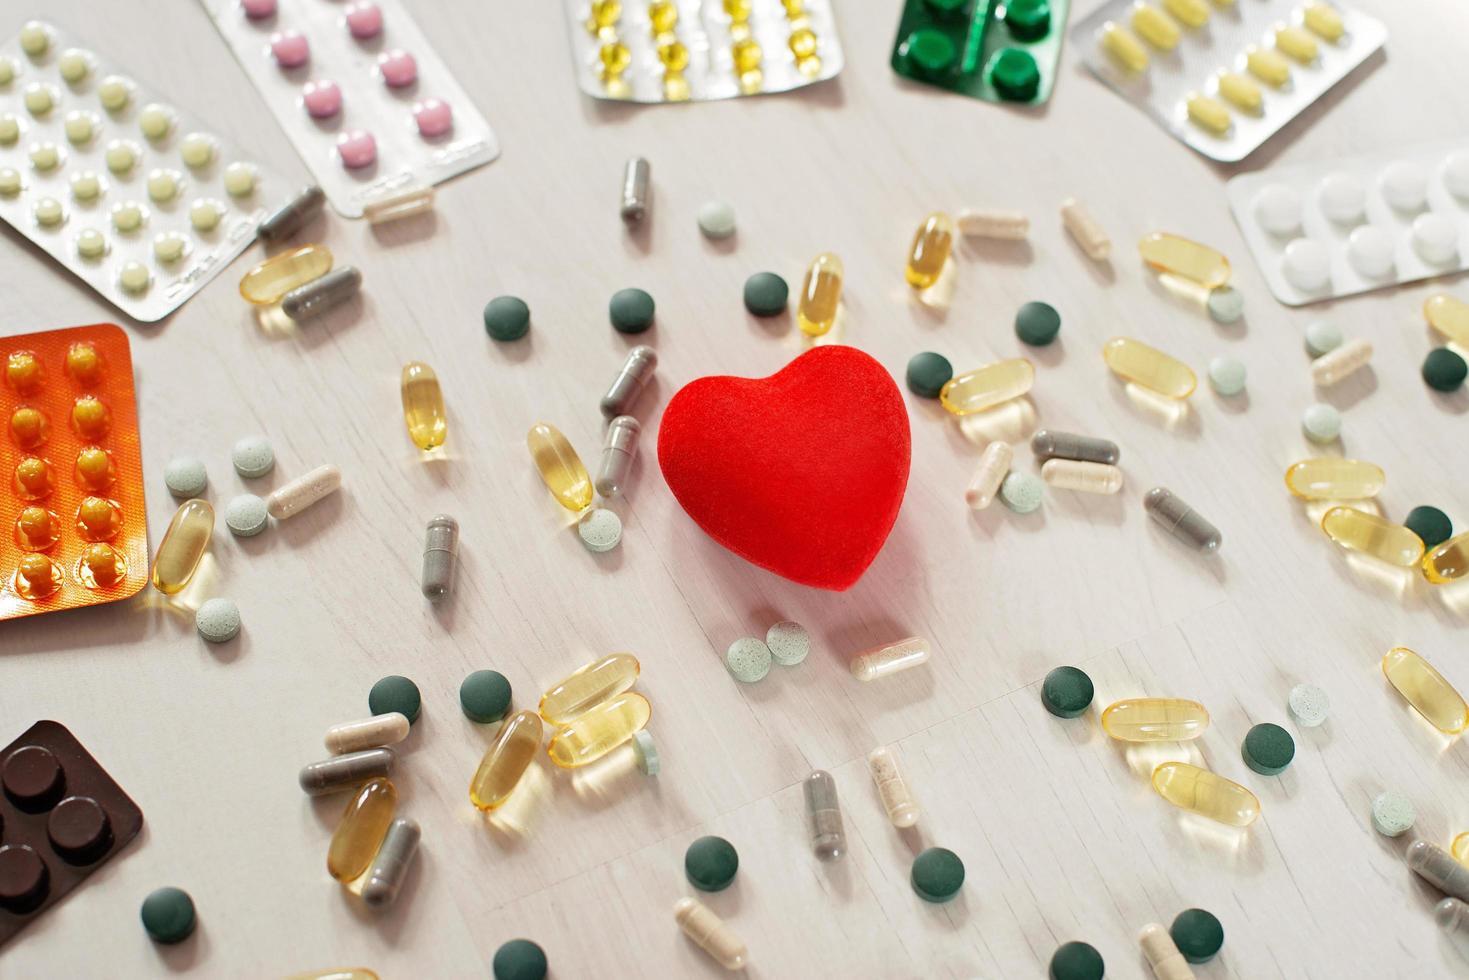 thème de la pharmacie, capsules de pilules avec des capsules d'huile de poisson oméga 3 antibiotique médicinal et coeur rouge sur fond clair. photo